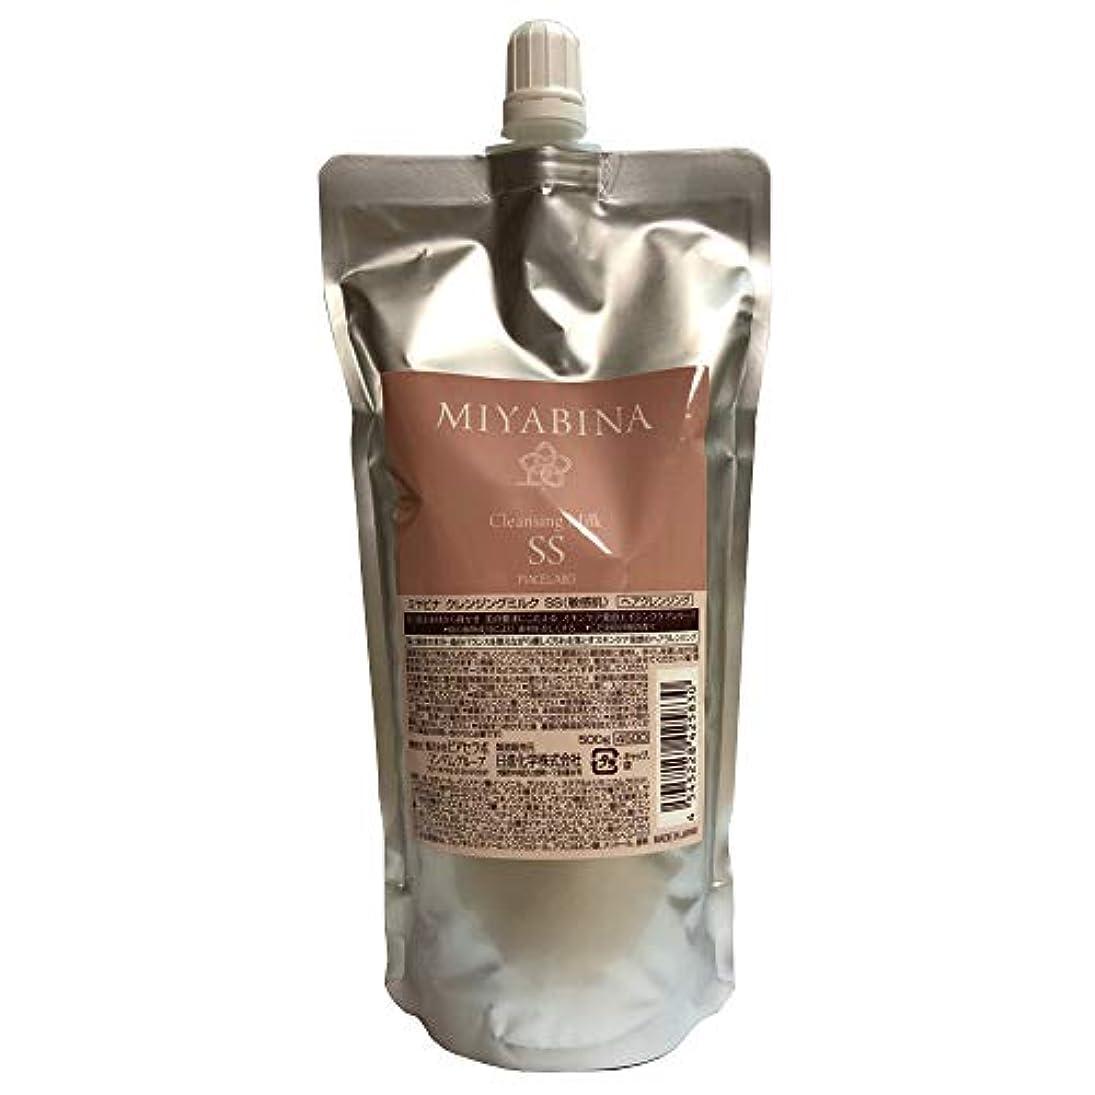 賛辞返済しっかりミヤビナ クレンジングミルク SS(敏感肌) 500g レフィル(詰め替え)